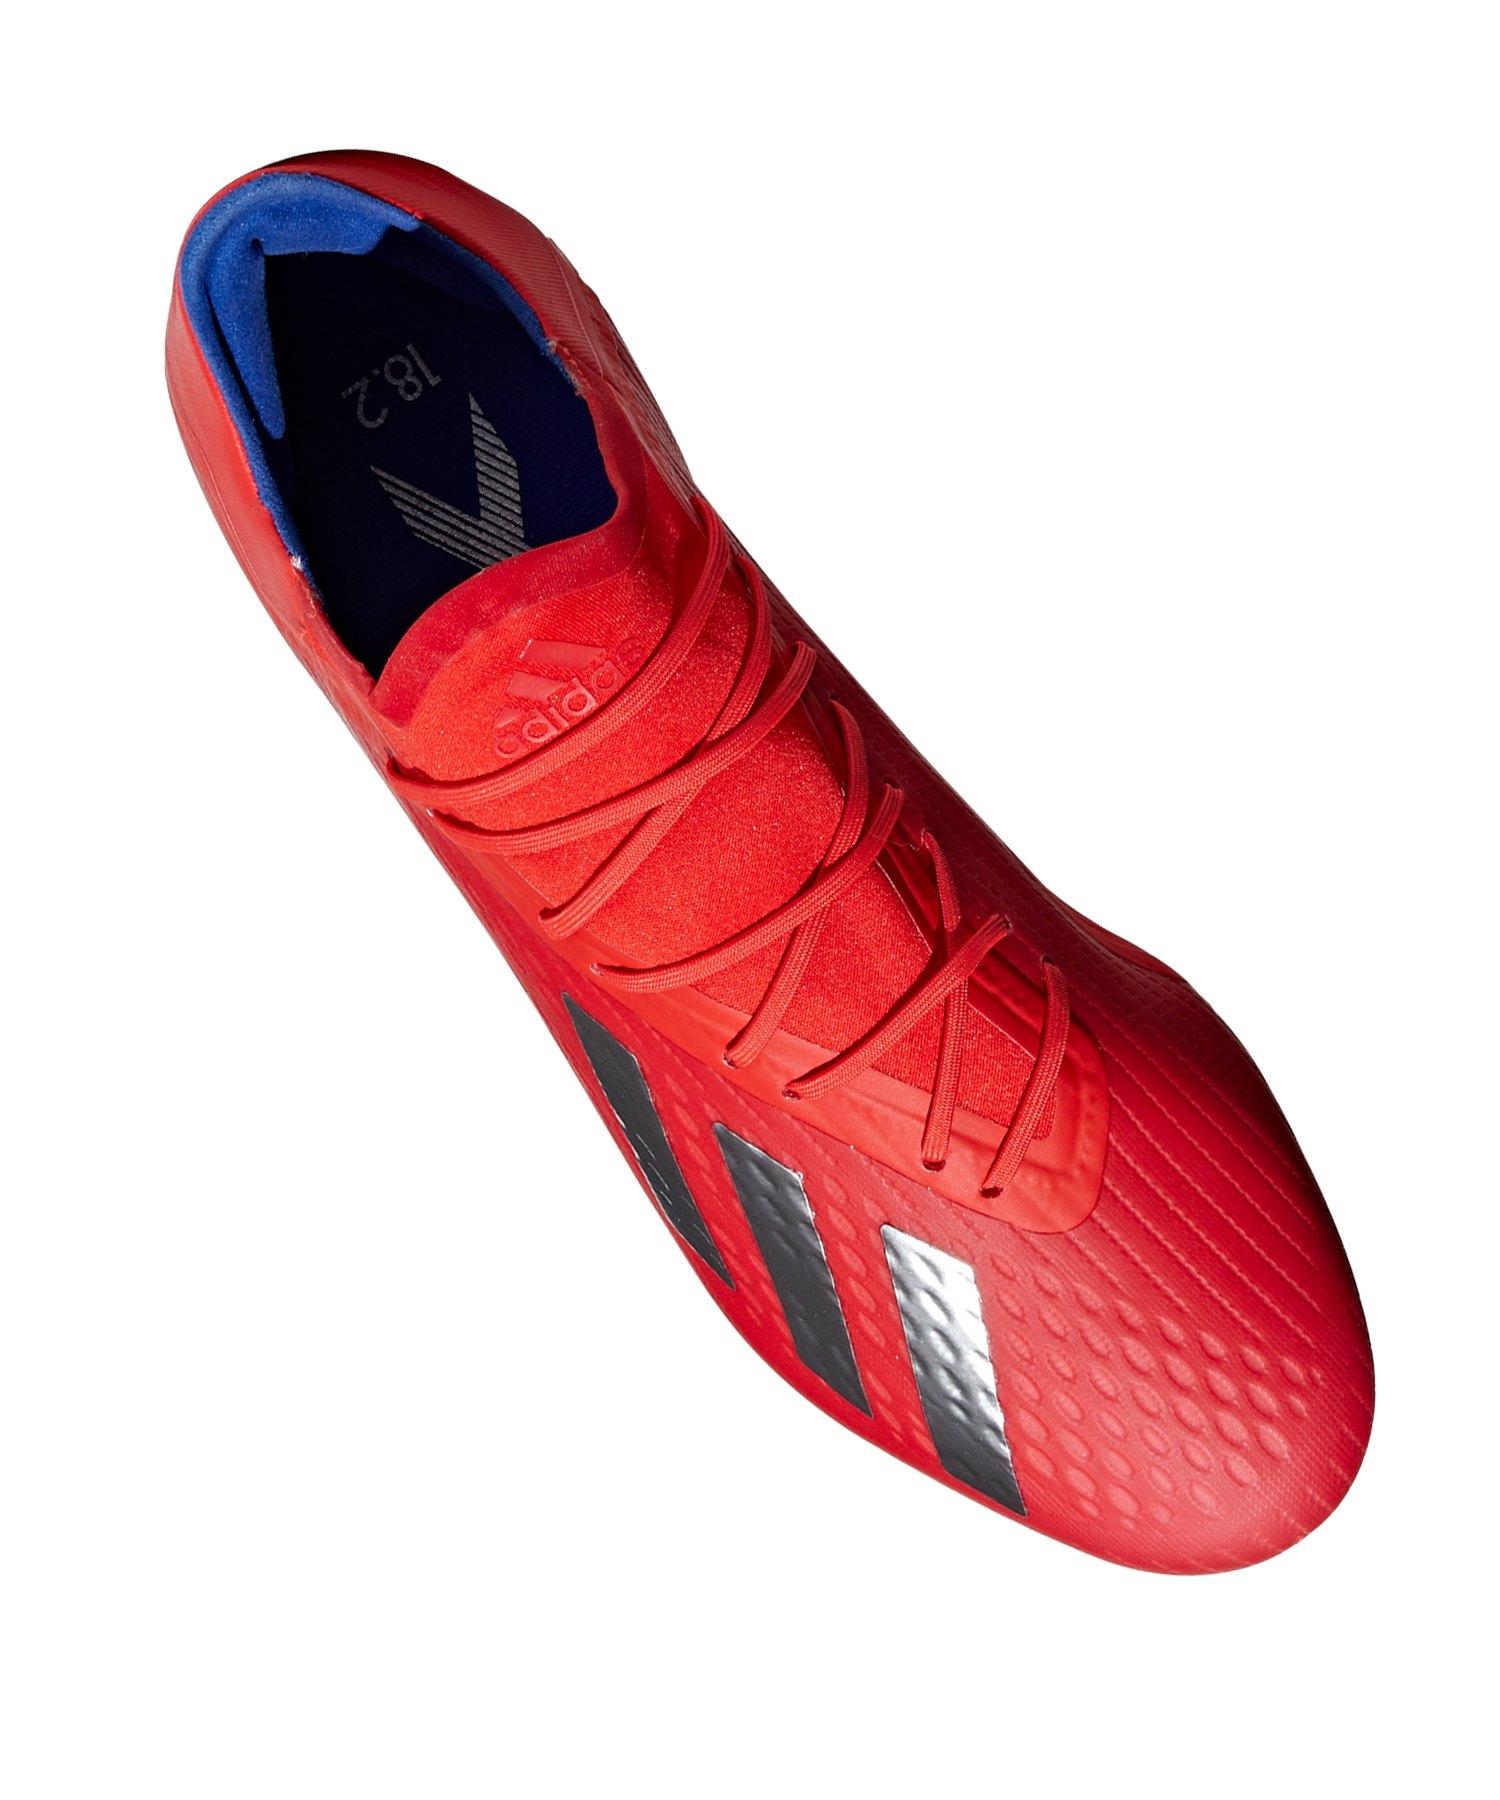 adidas X 18.2 FG Rot Blau